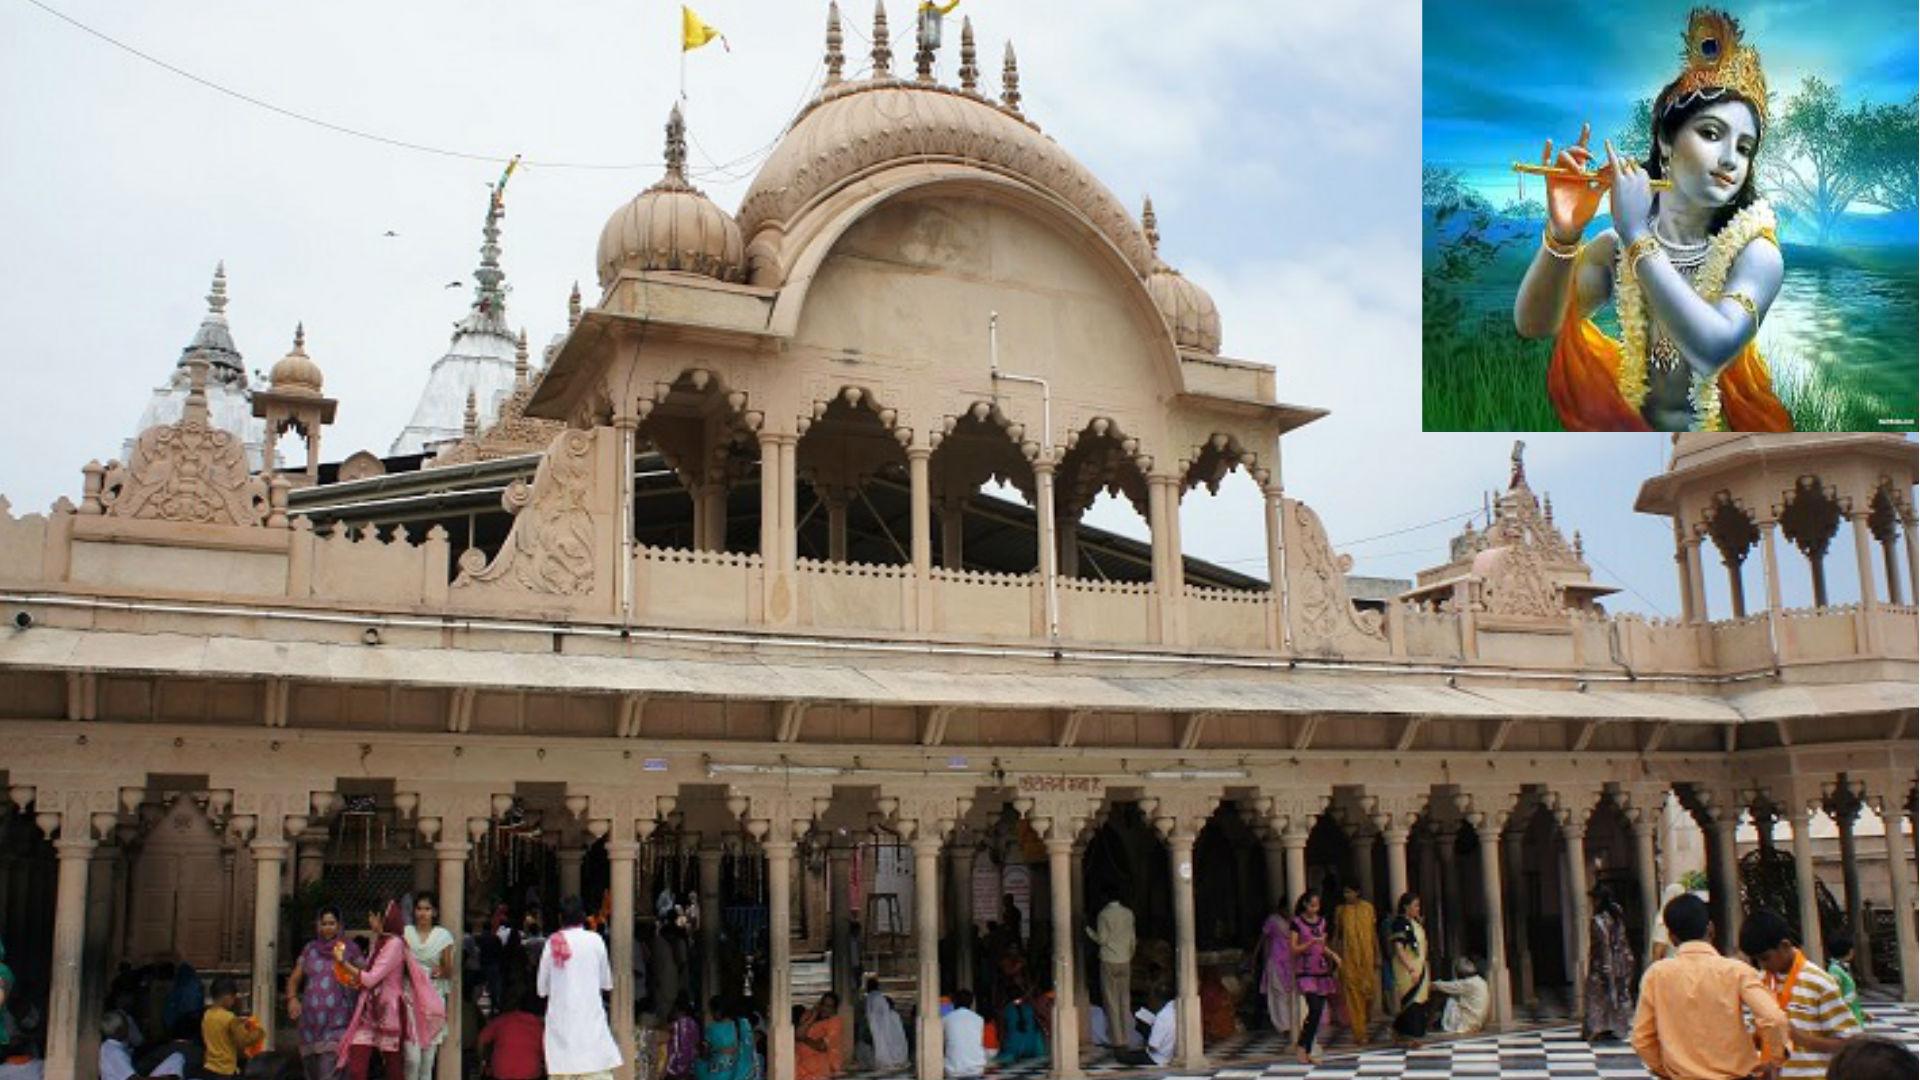 Krishna Janmashtami 2019: इस मंदिर में है श्रीकृष्ण का बेशकीमती खजाना, 150 साल से नहीं खुला है ताला